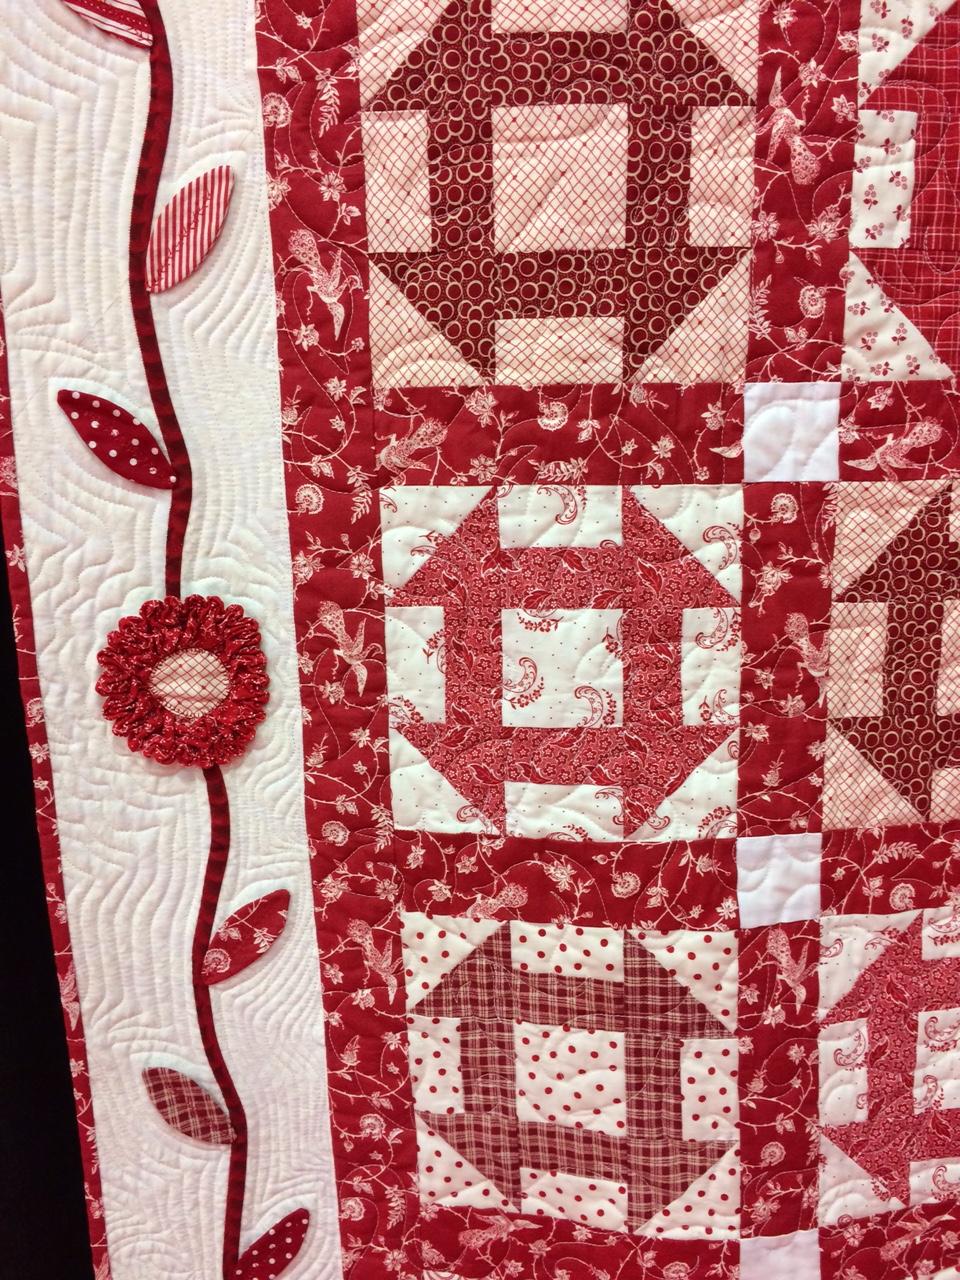 Humble Quilts Quilt Knit Stitch Portland Show